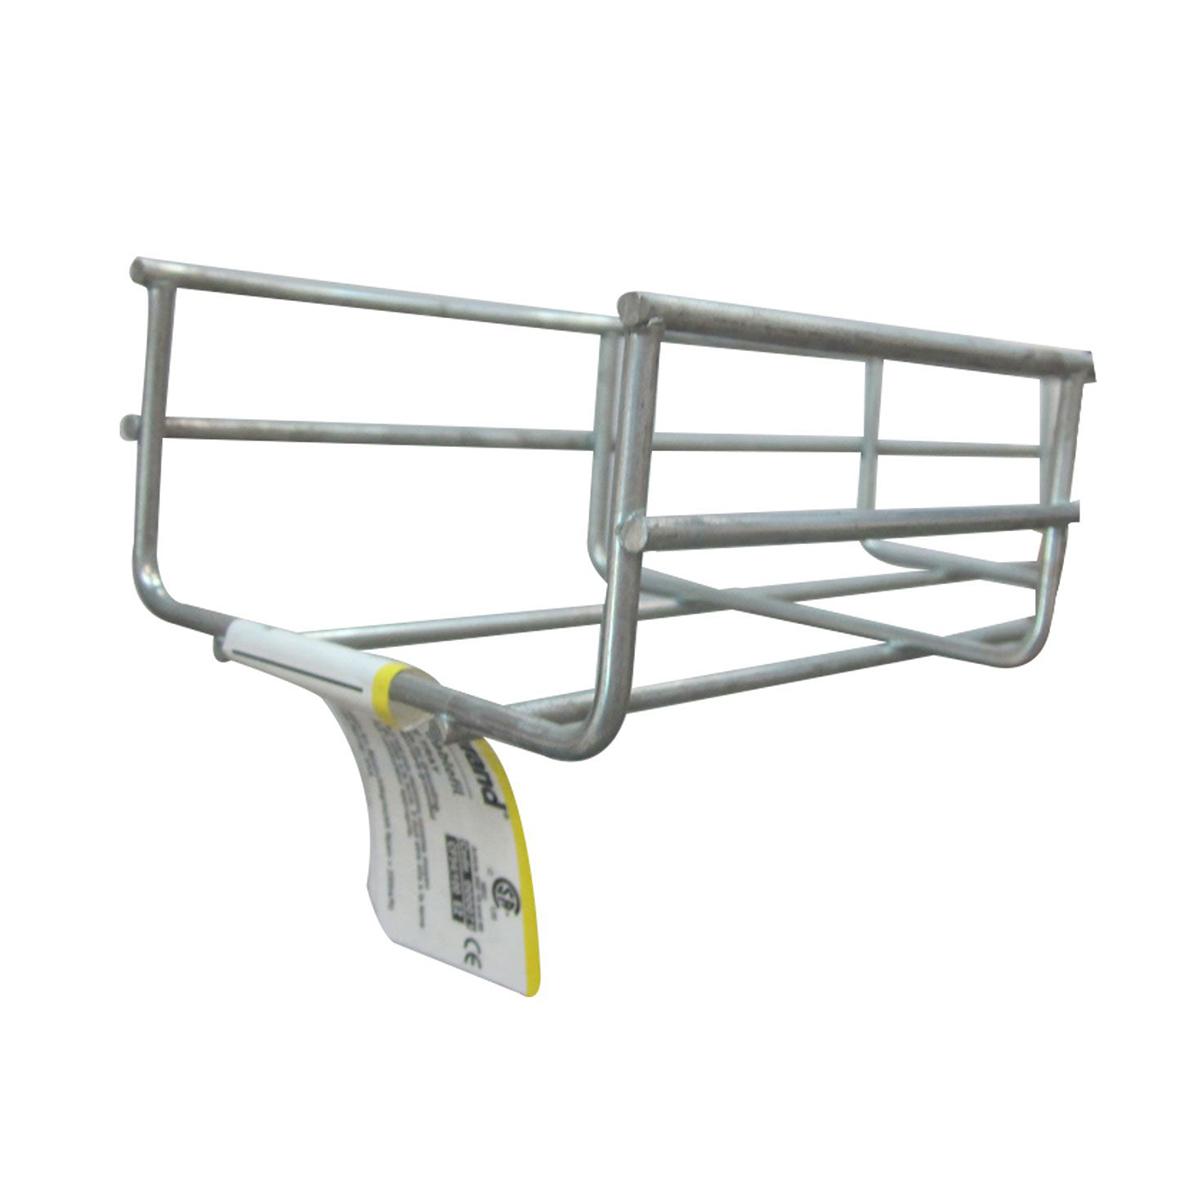 Bandeja porta cable tipo escalerilla 0.10 m x 3 m BTE001